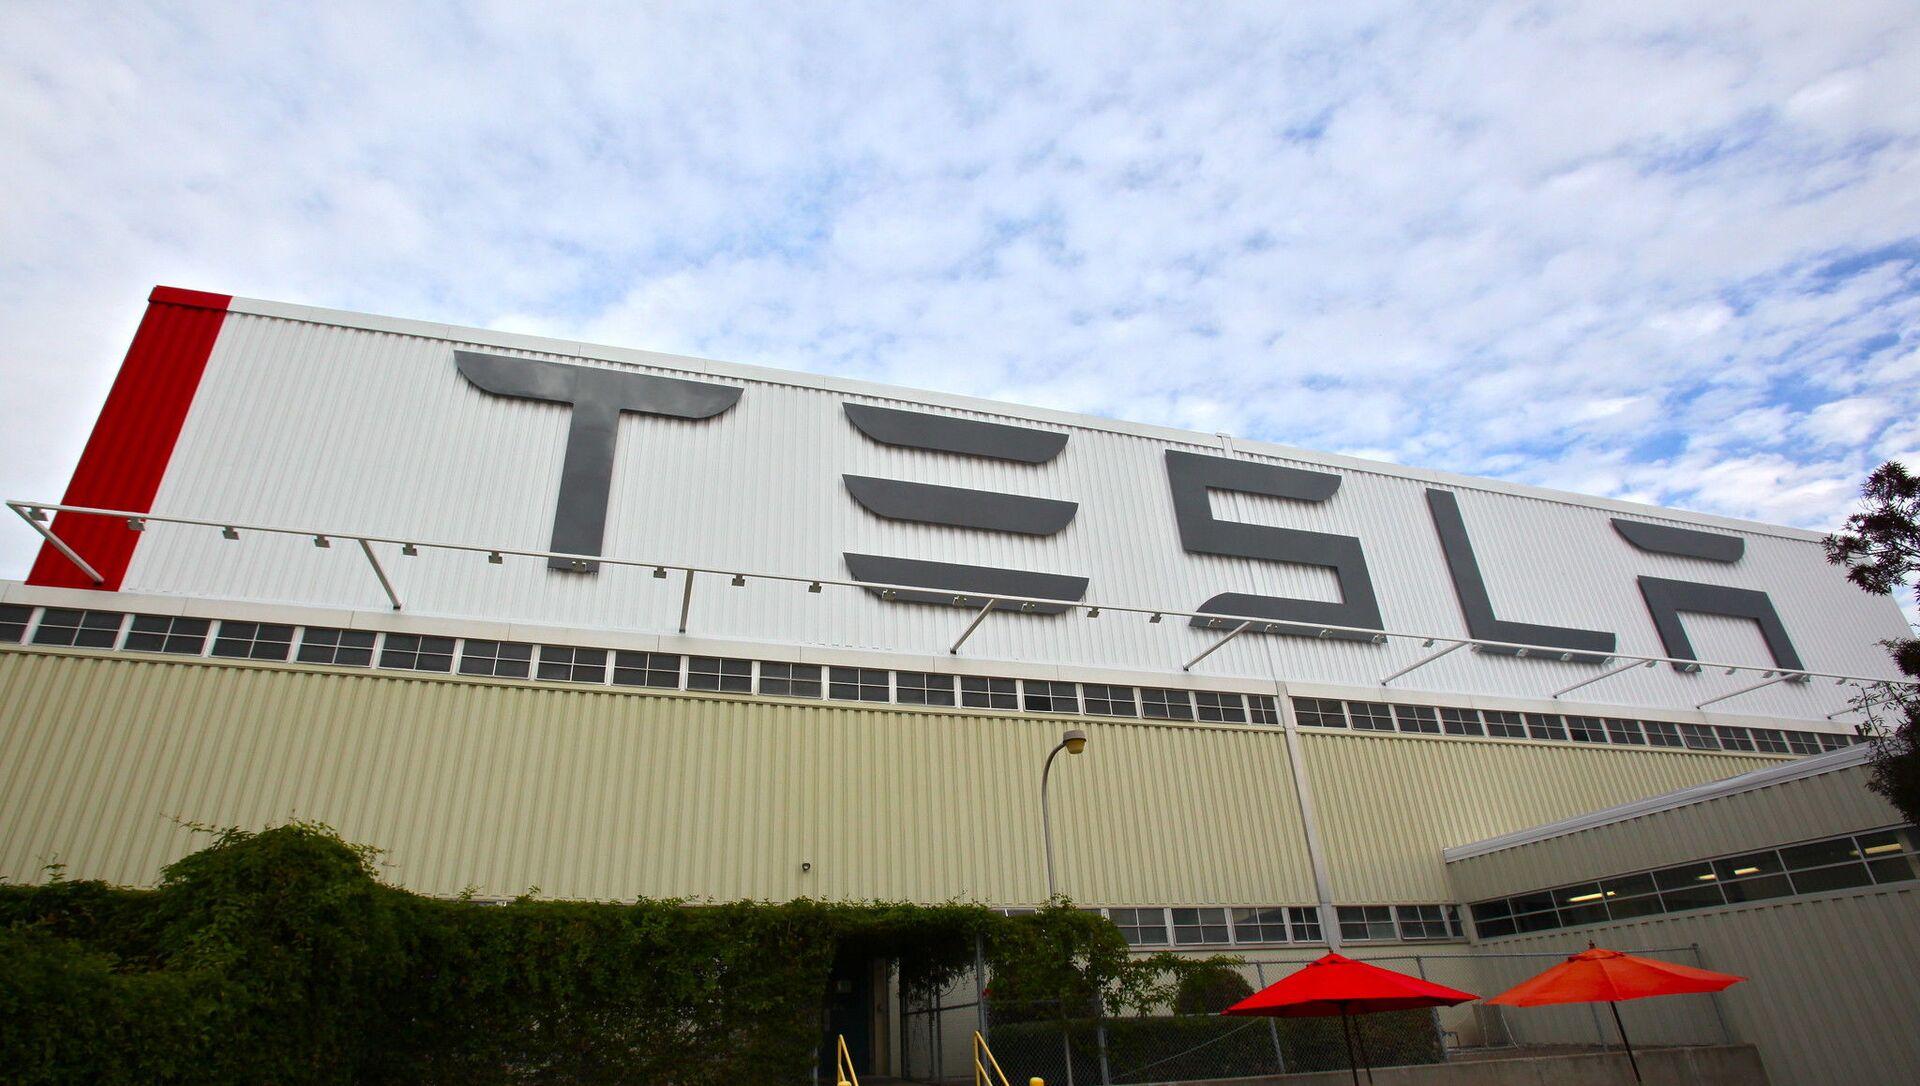 テスラの自動操縦でドライバーは注意散漫に マサチューセッツ工科大学の研究 - Sputnik 日本, 1920, 27.09.2021